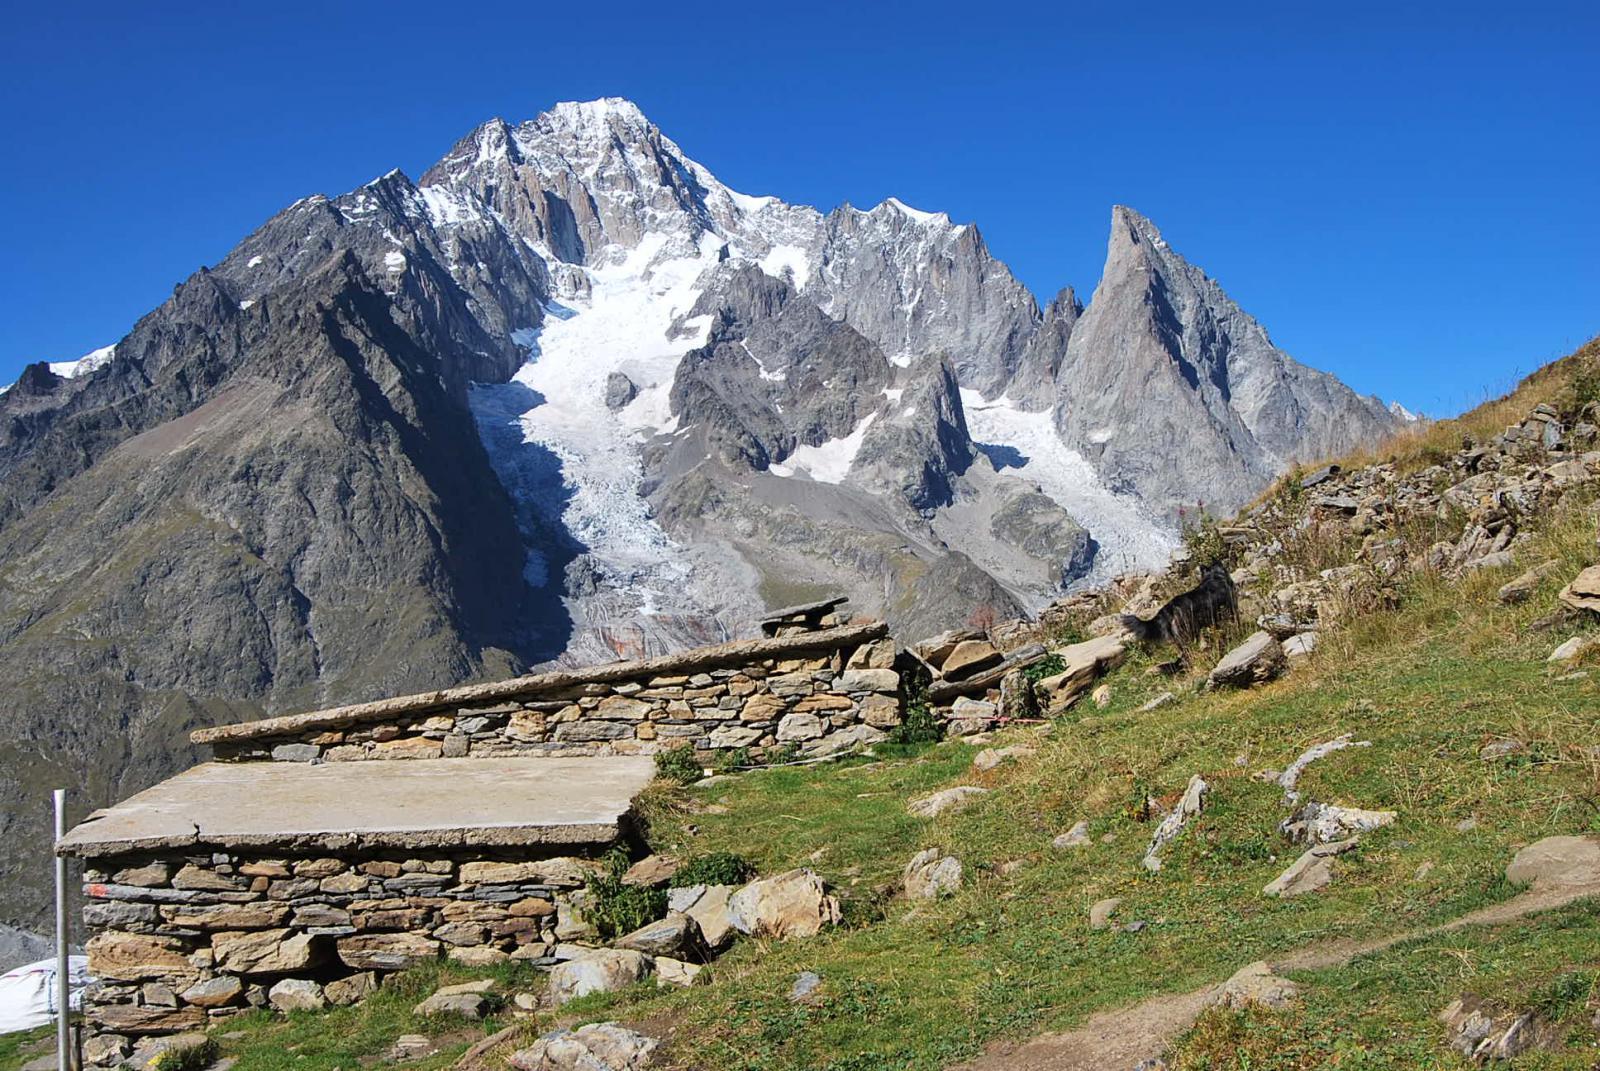 Arp Vieille damon e Monte Bianco